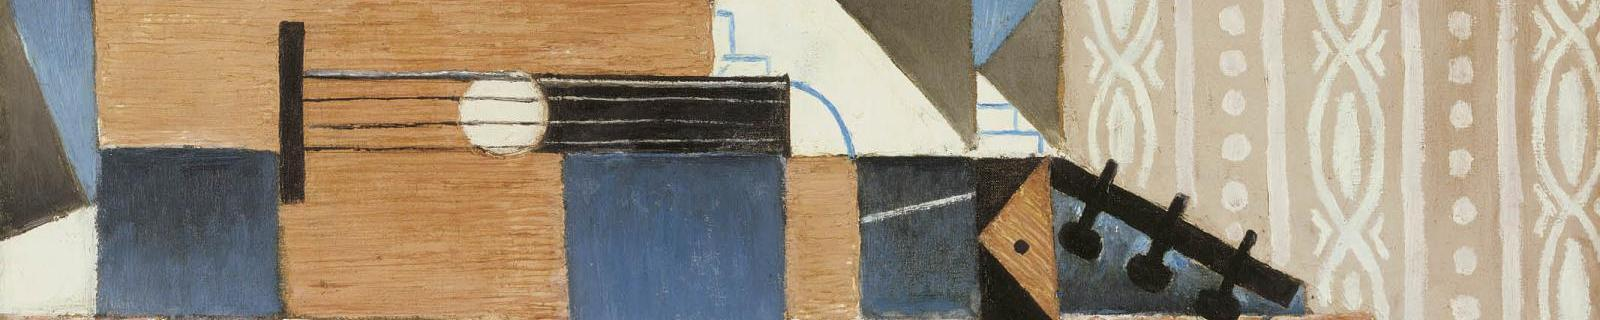 Cubismo: un reto para el intelecto. Nuevos contenidos didácticos para el Museo de Bellas Artes de Asturias